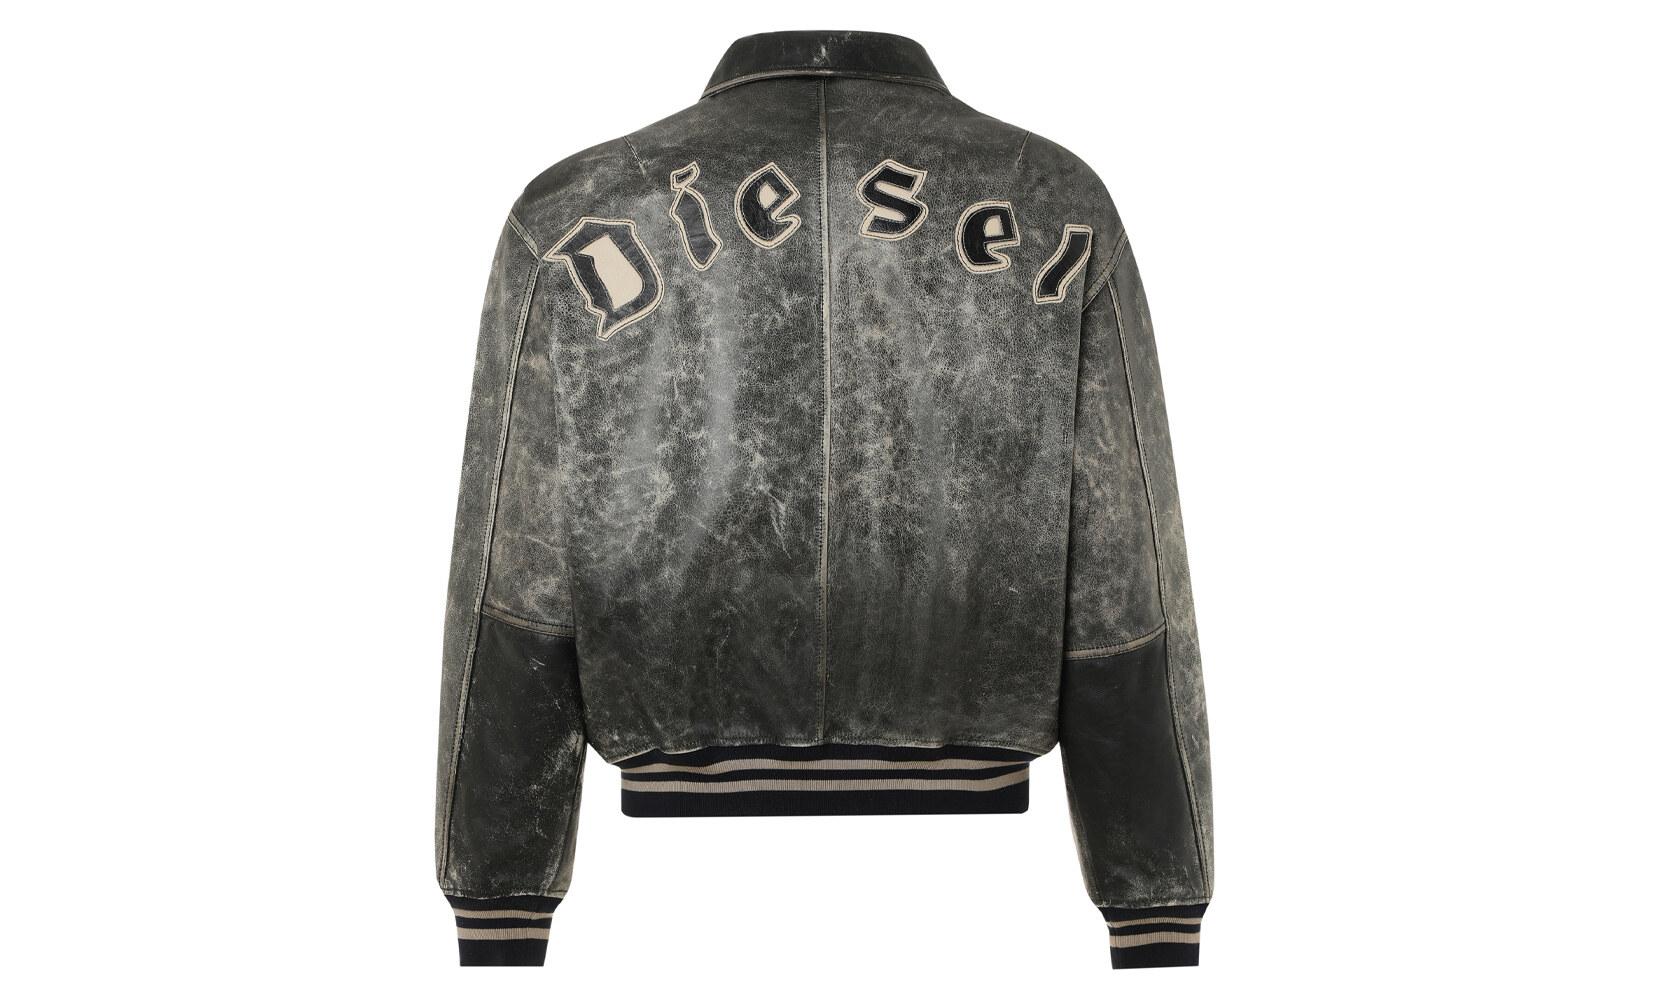 Diesel x Diesel